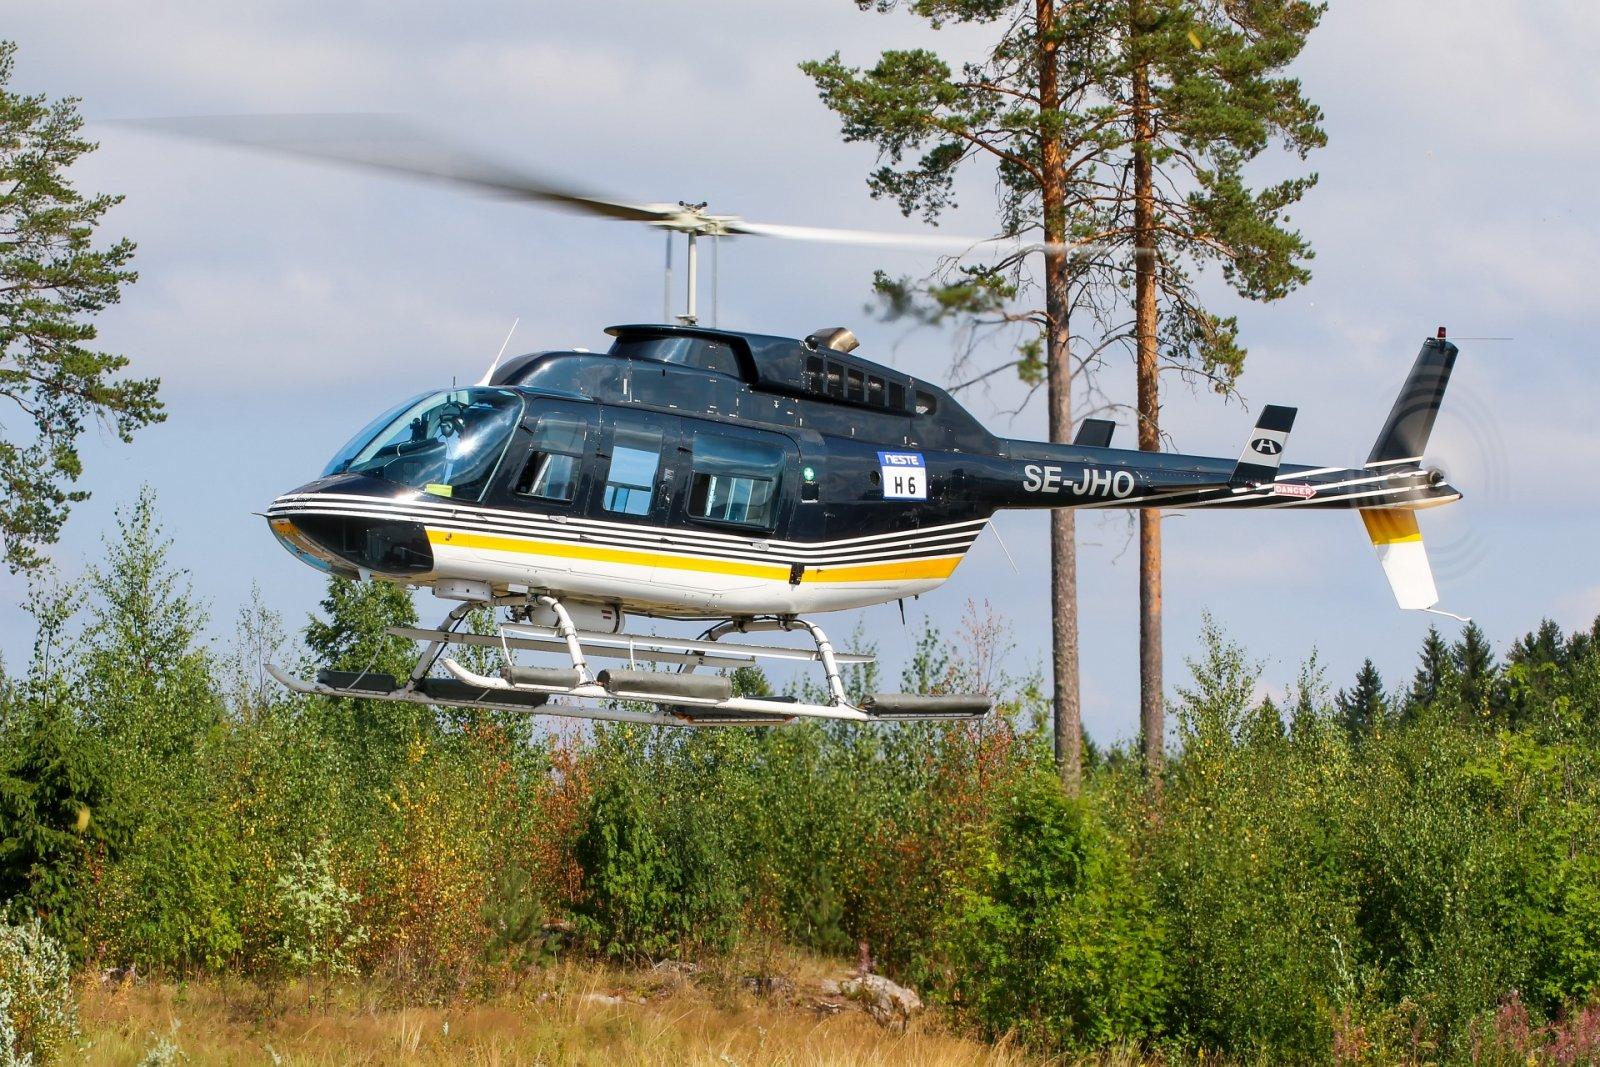 SE-JHO Bell 206L-1 LongRanger II